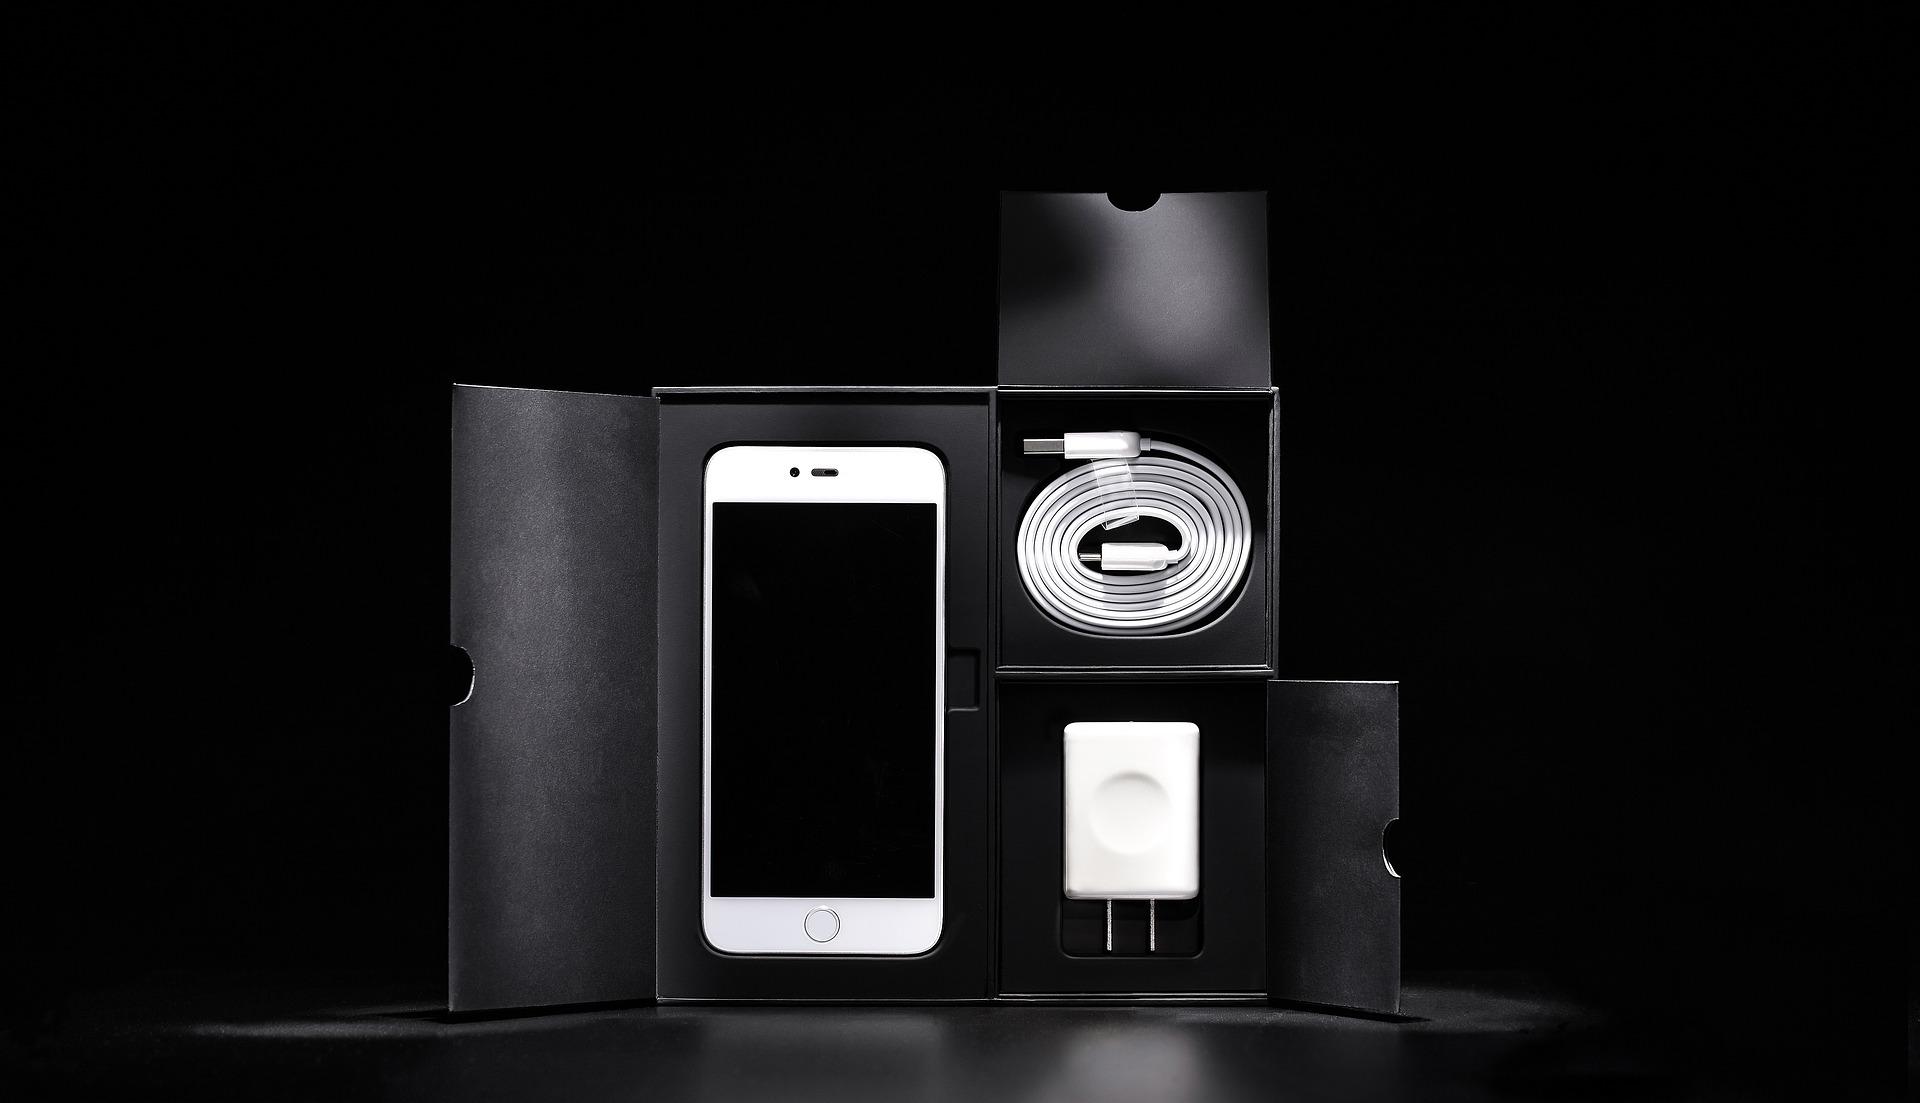 iPhone XSやXRでもサポートされるQi規格のおすすめワイヤレス充電器とコイル数